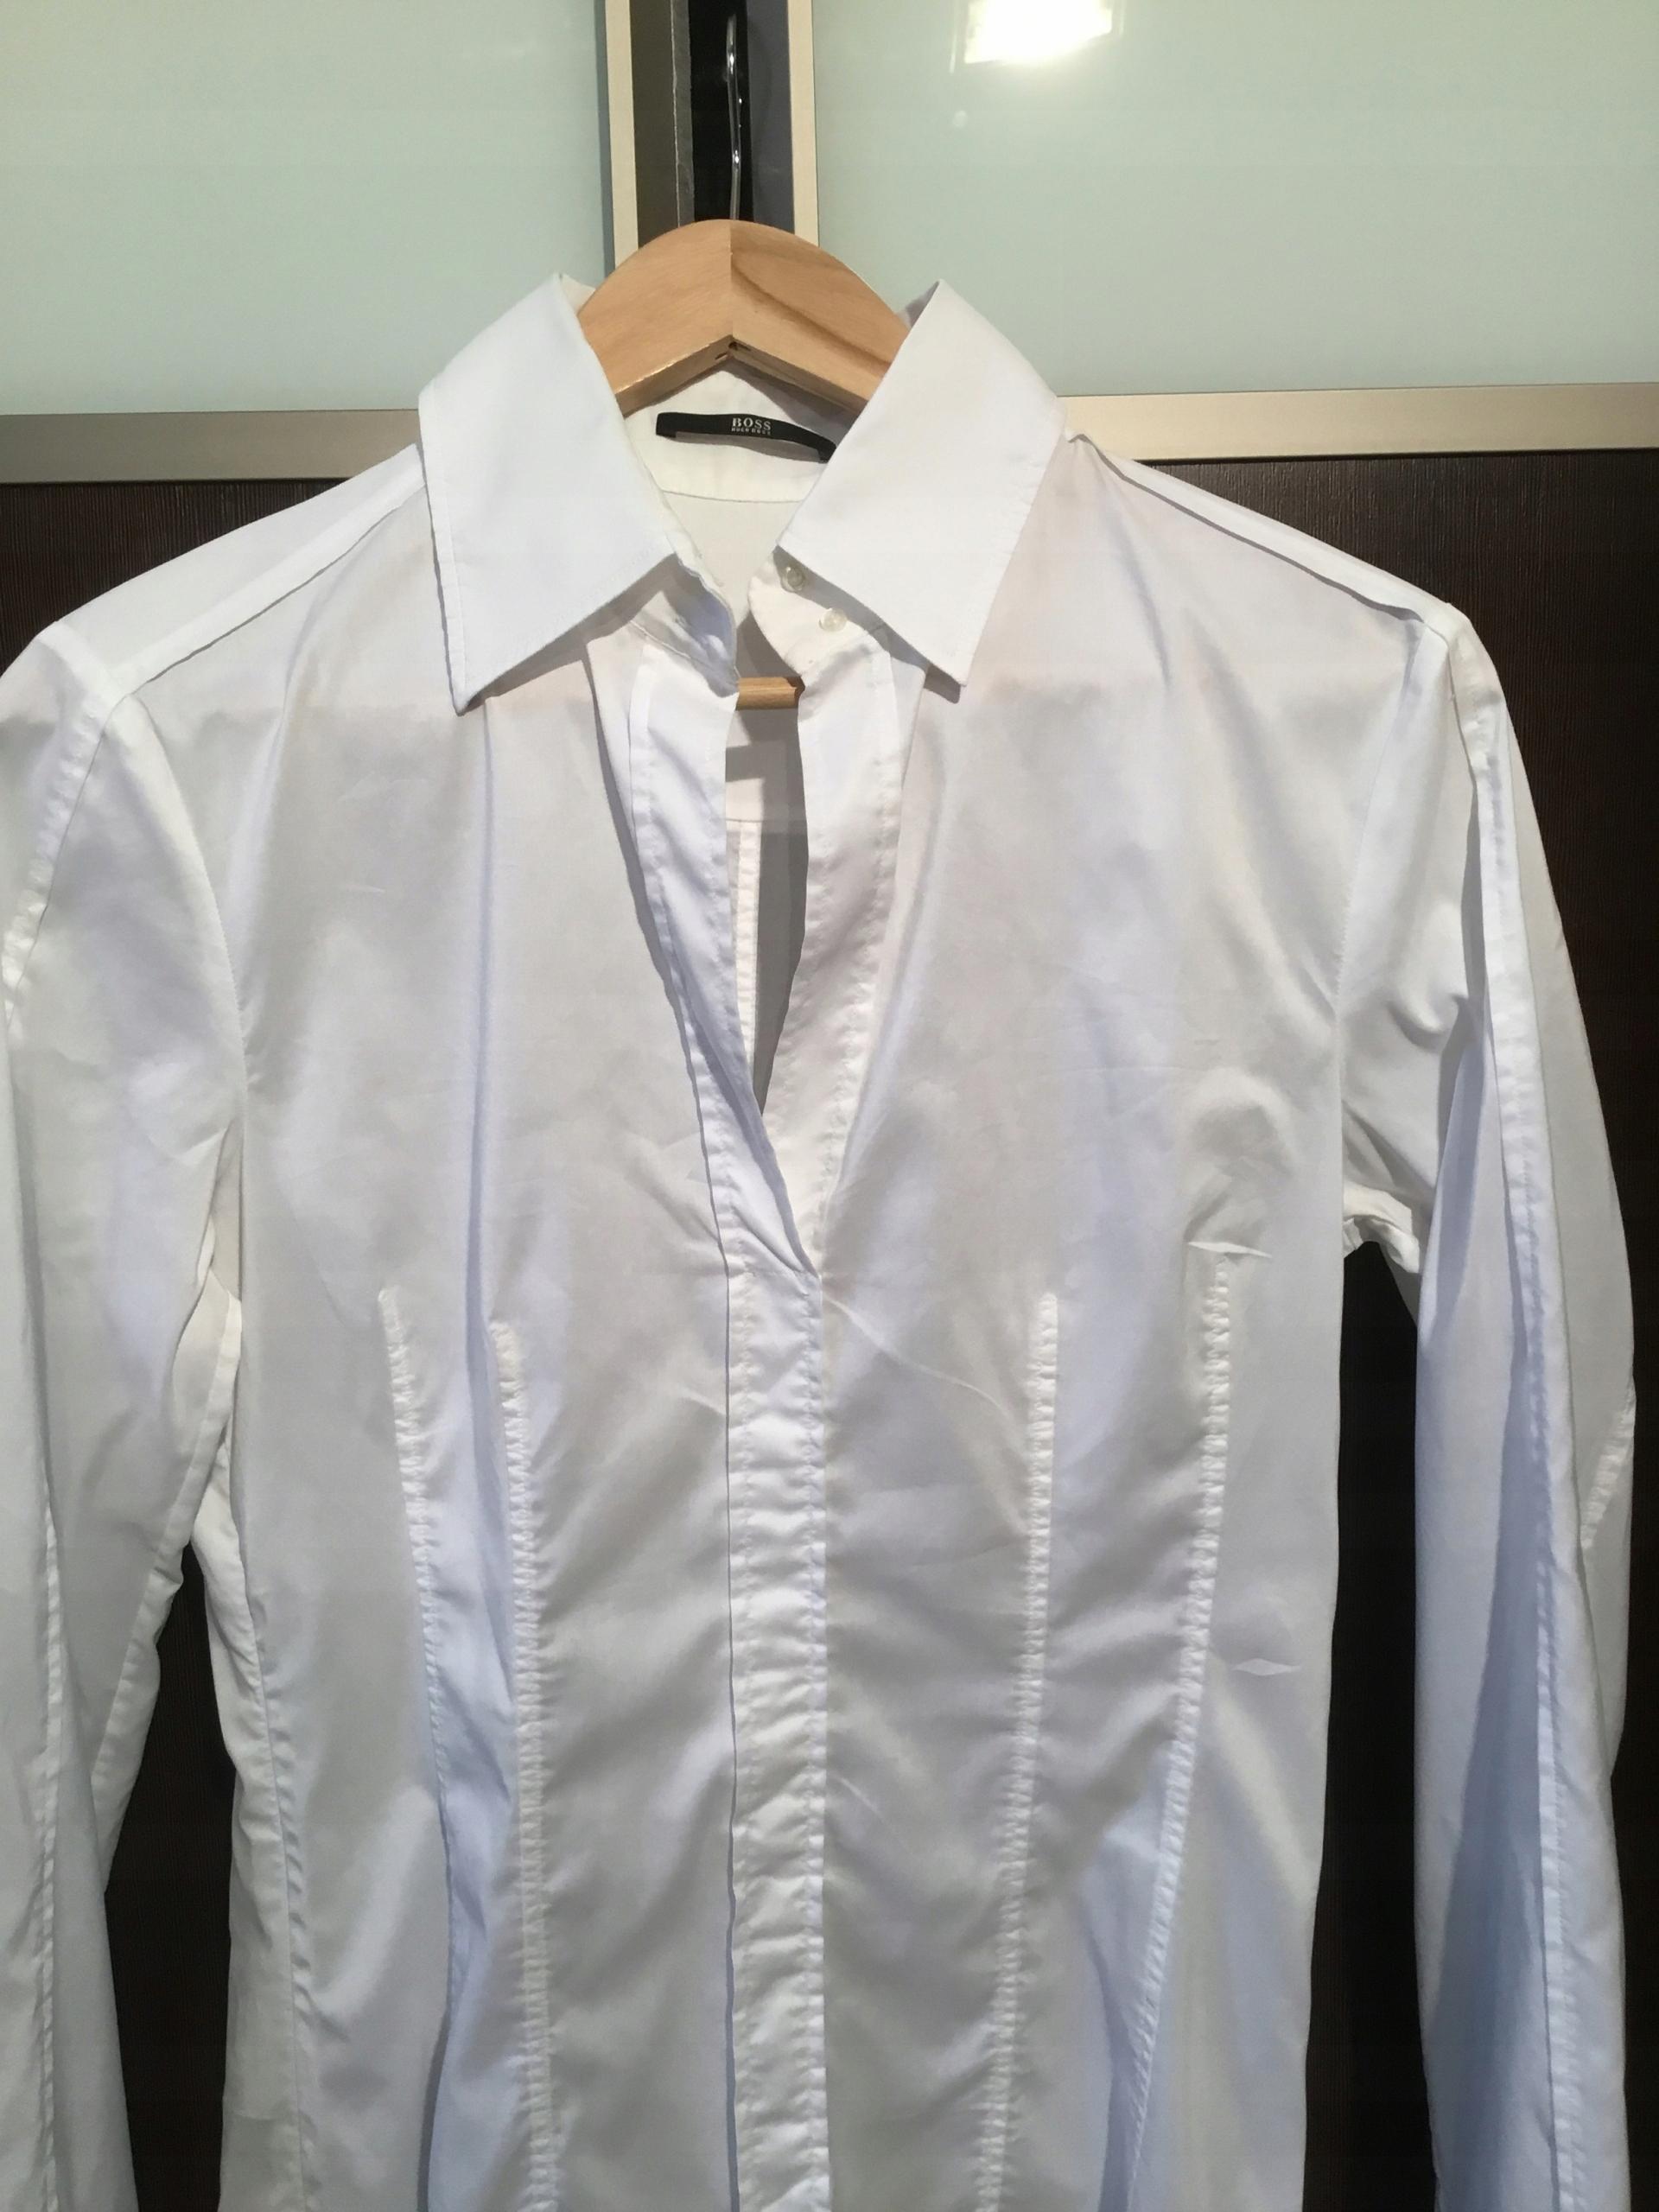 a1db5e41c5040 Koszula Hugo Boss roz 38 biała - 7531836060 - oficjalne archiwum allegro